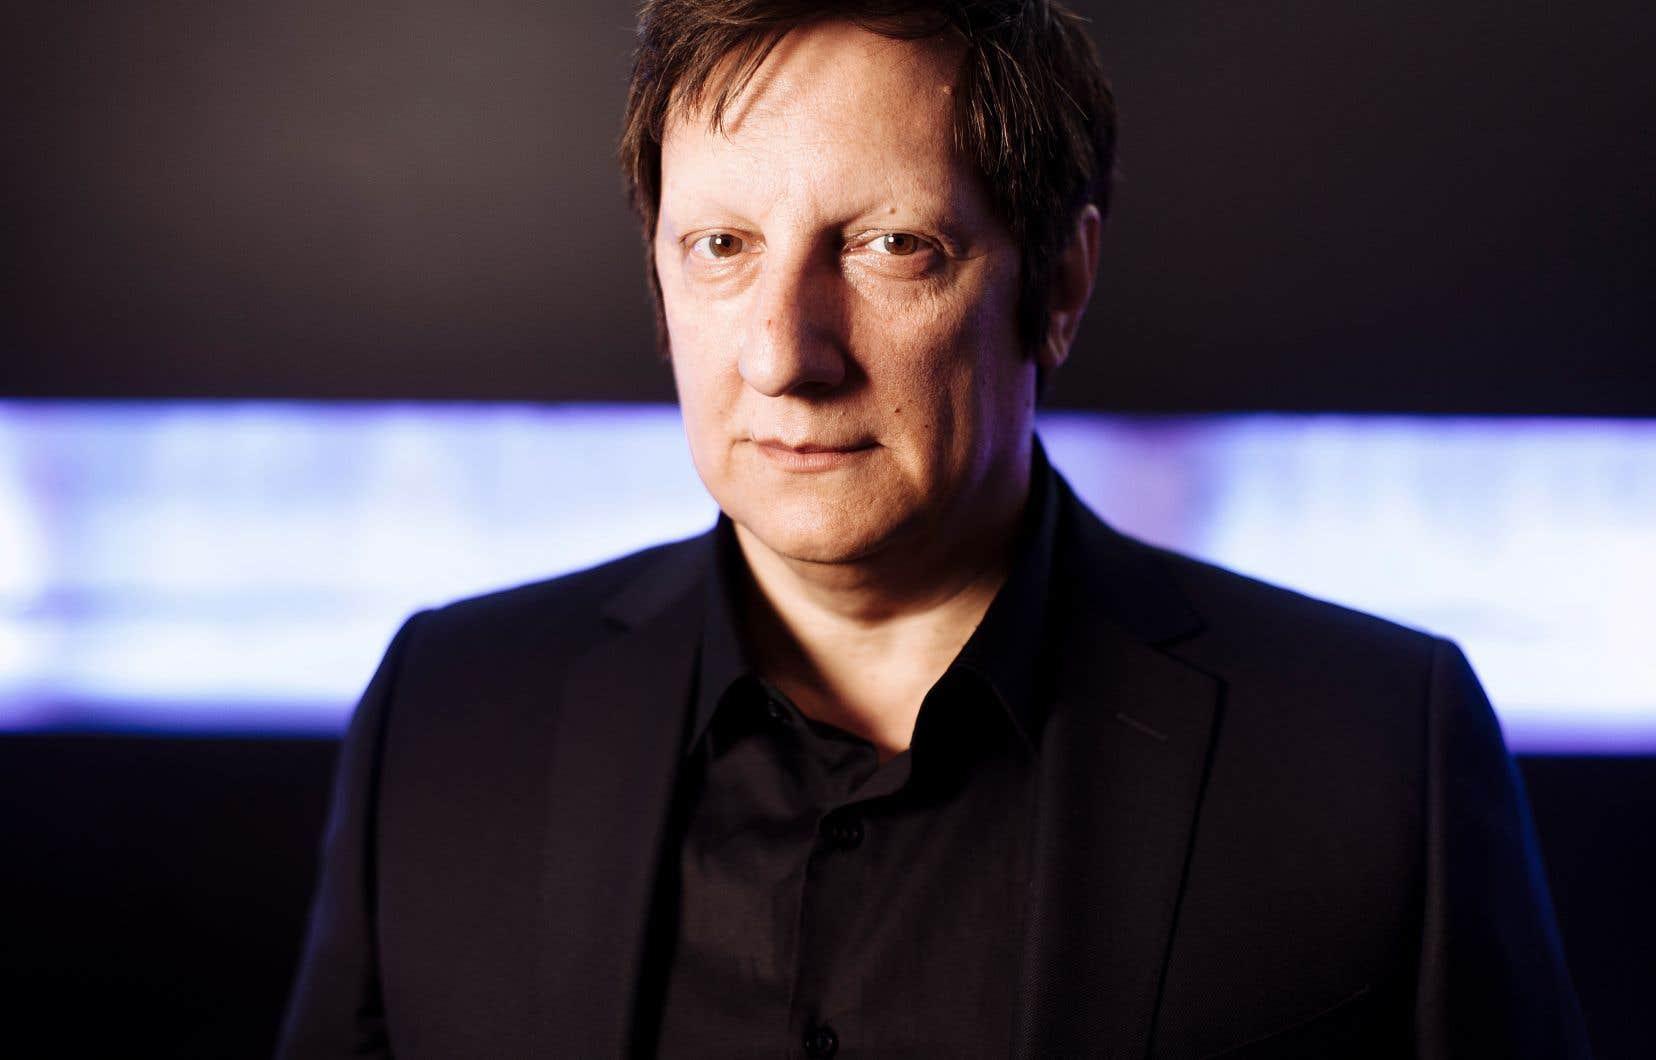 Le metteur en scène Robert Lepage estime avoir fait preuve de «maladresse et de manque de jugement» dans la polémique qui a entouré la création du spectacle «SLAV».